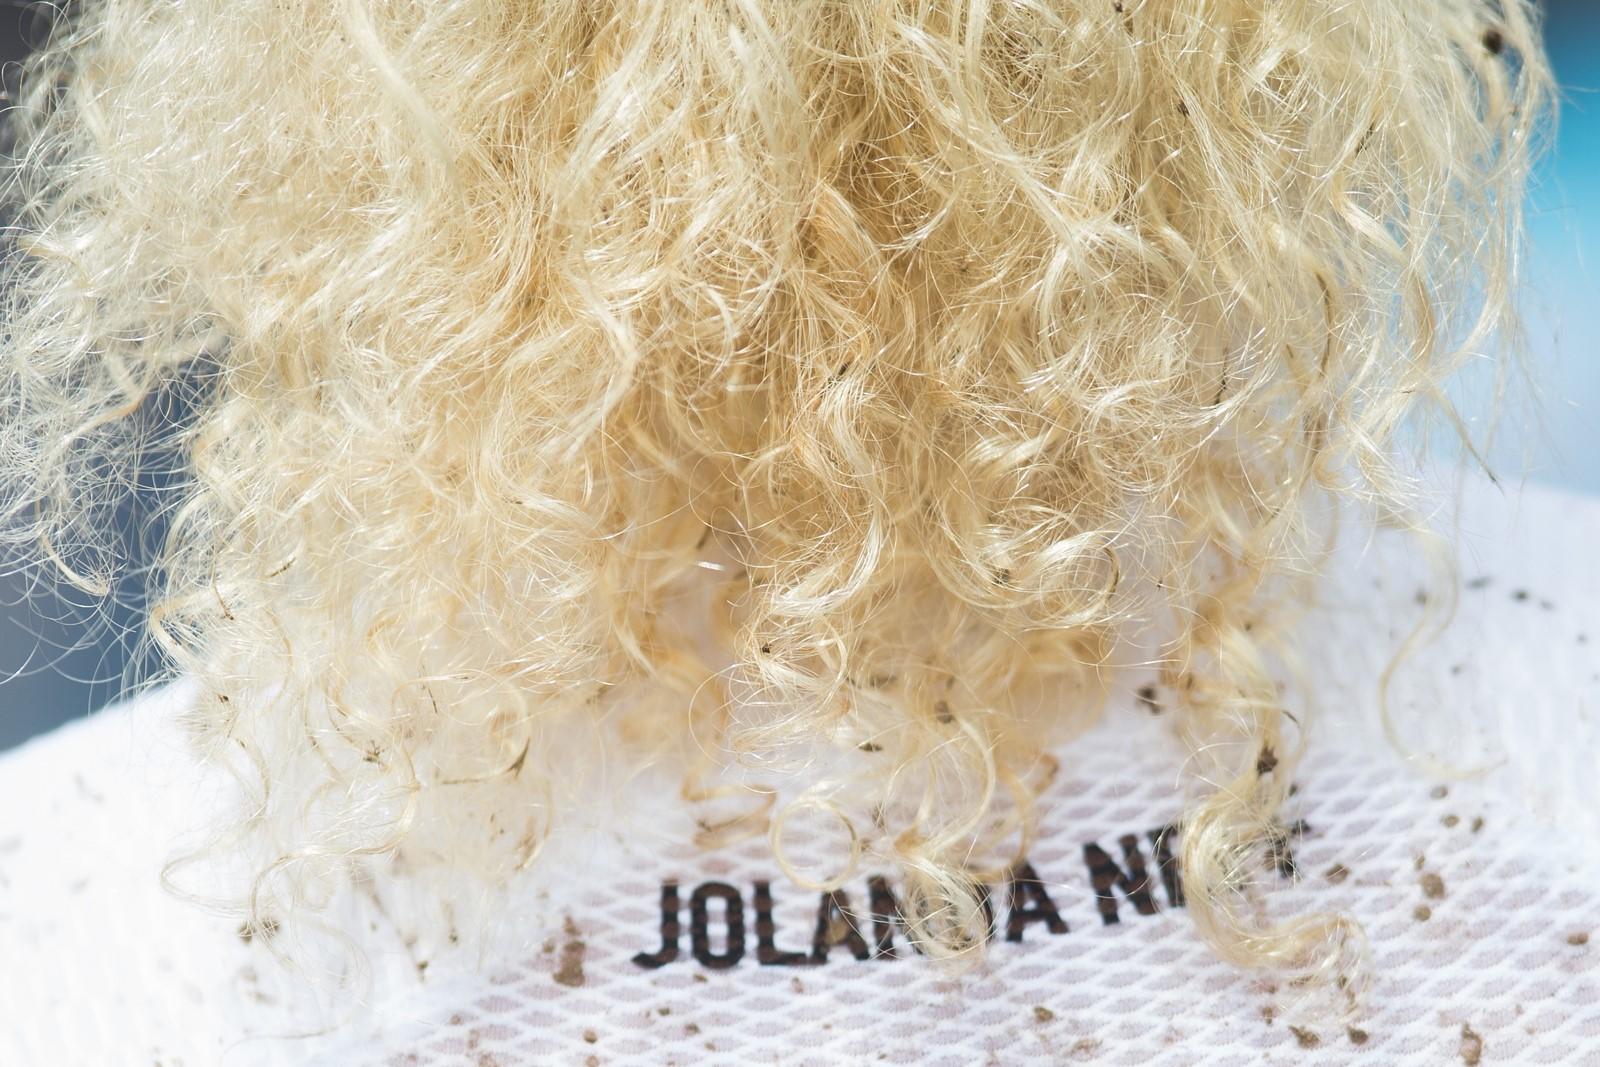 Jolanda Neff, světová šampionka, a její neposlušné rozpuštěné kadeře. Foto: Michal Červený